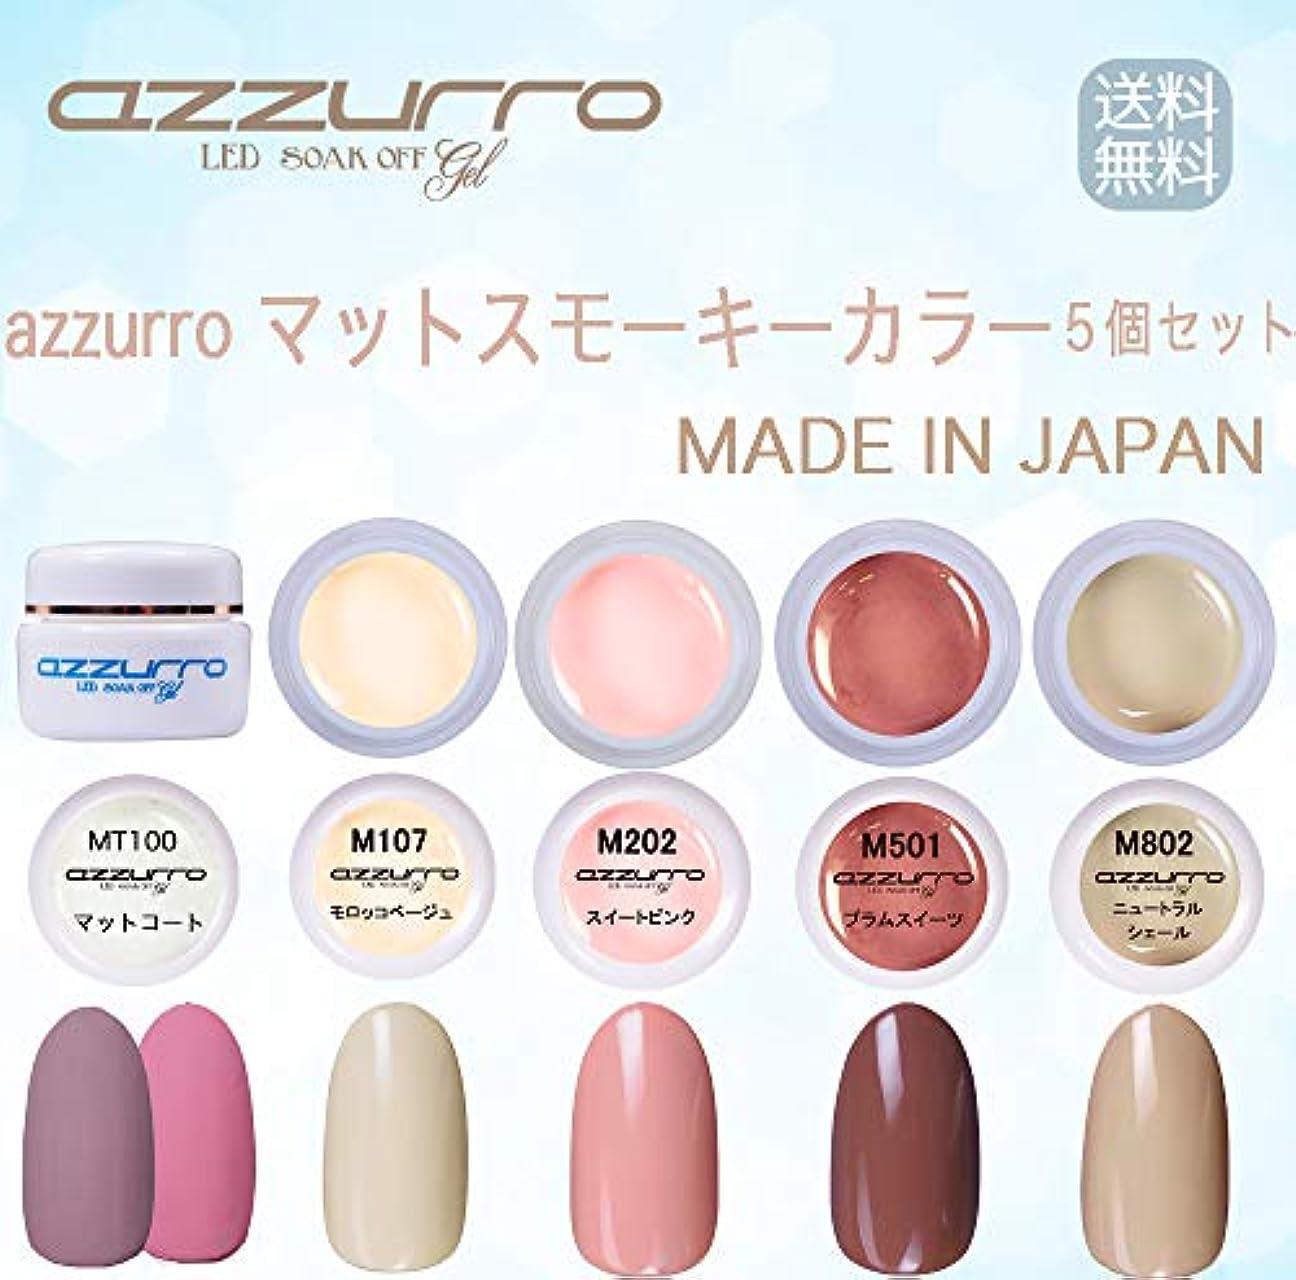 シリアル沿っておとなしい【送料無料】日本製 azzurro gel マットスモーキーパステルカラー5個セット 春色にもかかせないマットコートとスモーキーパステルカラー